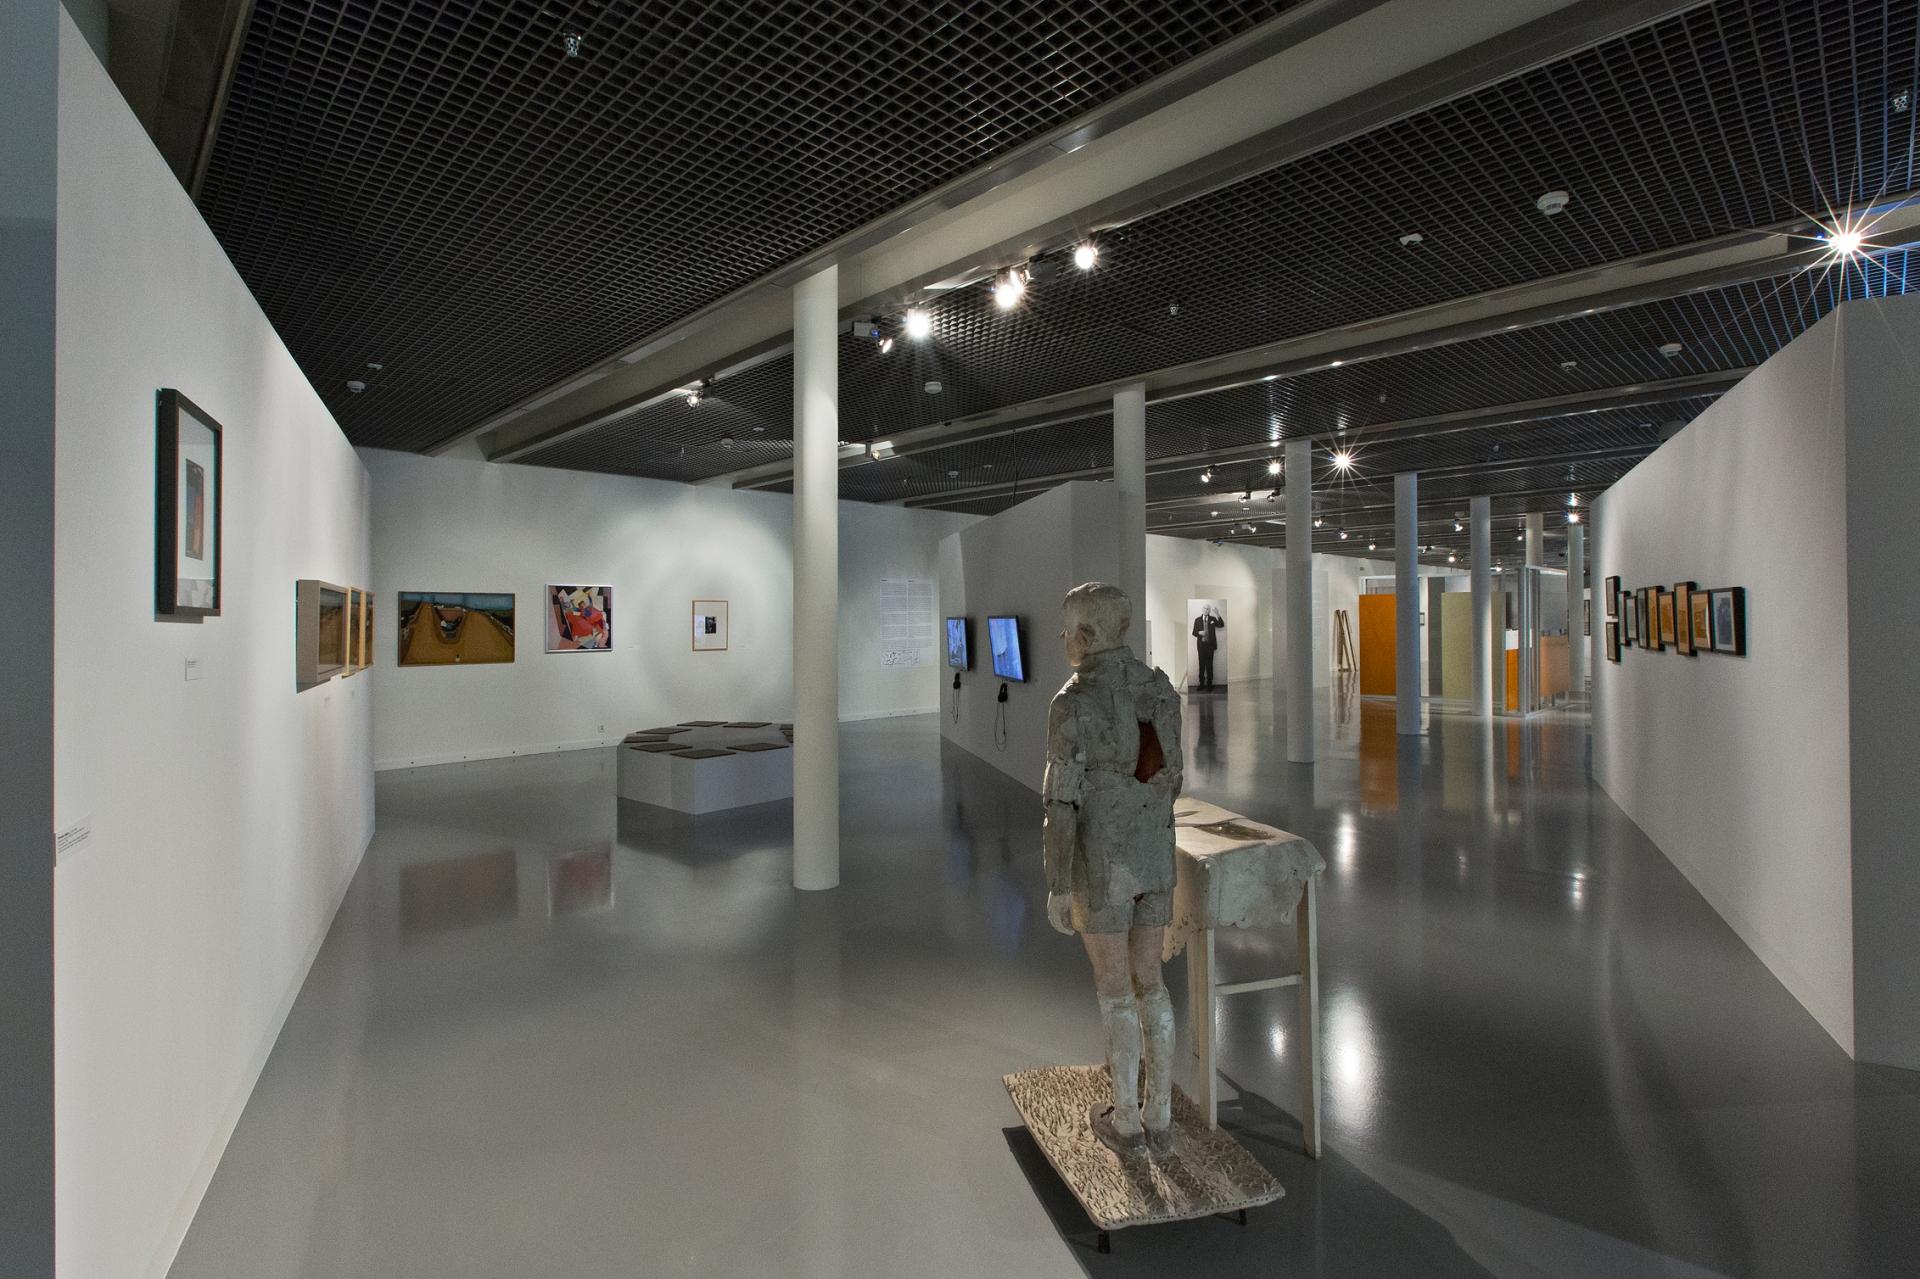 Atlas nowoczesności, widok ekspozycji. Fot. P. Tomczyk